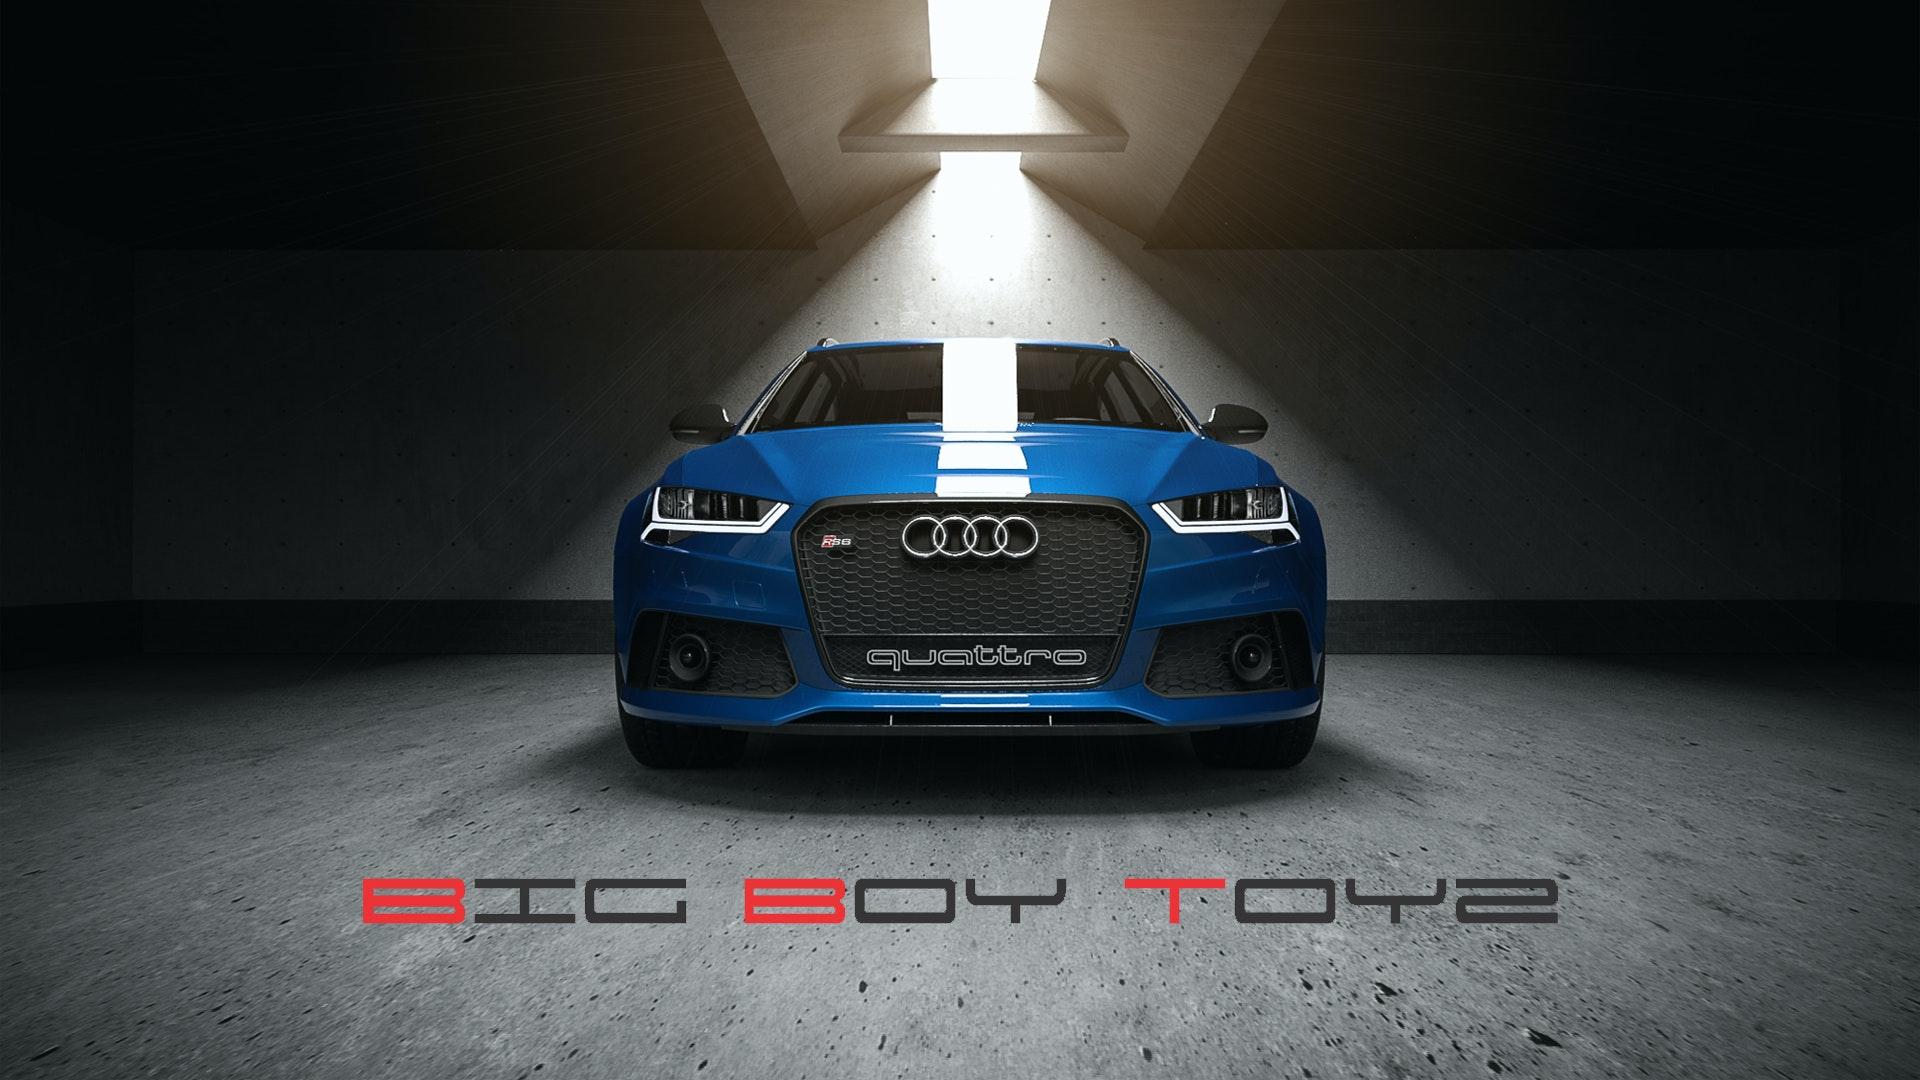 Photo Gratuite De Fond D Ecran De Voitures Audi Fond D Ecran Voitures Voitures Audi